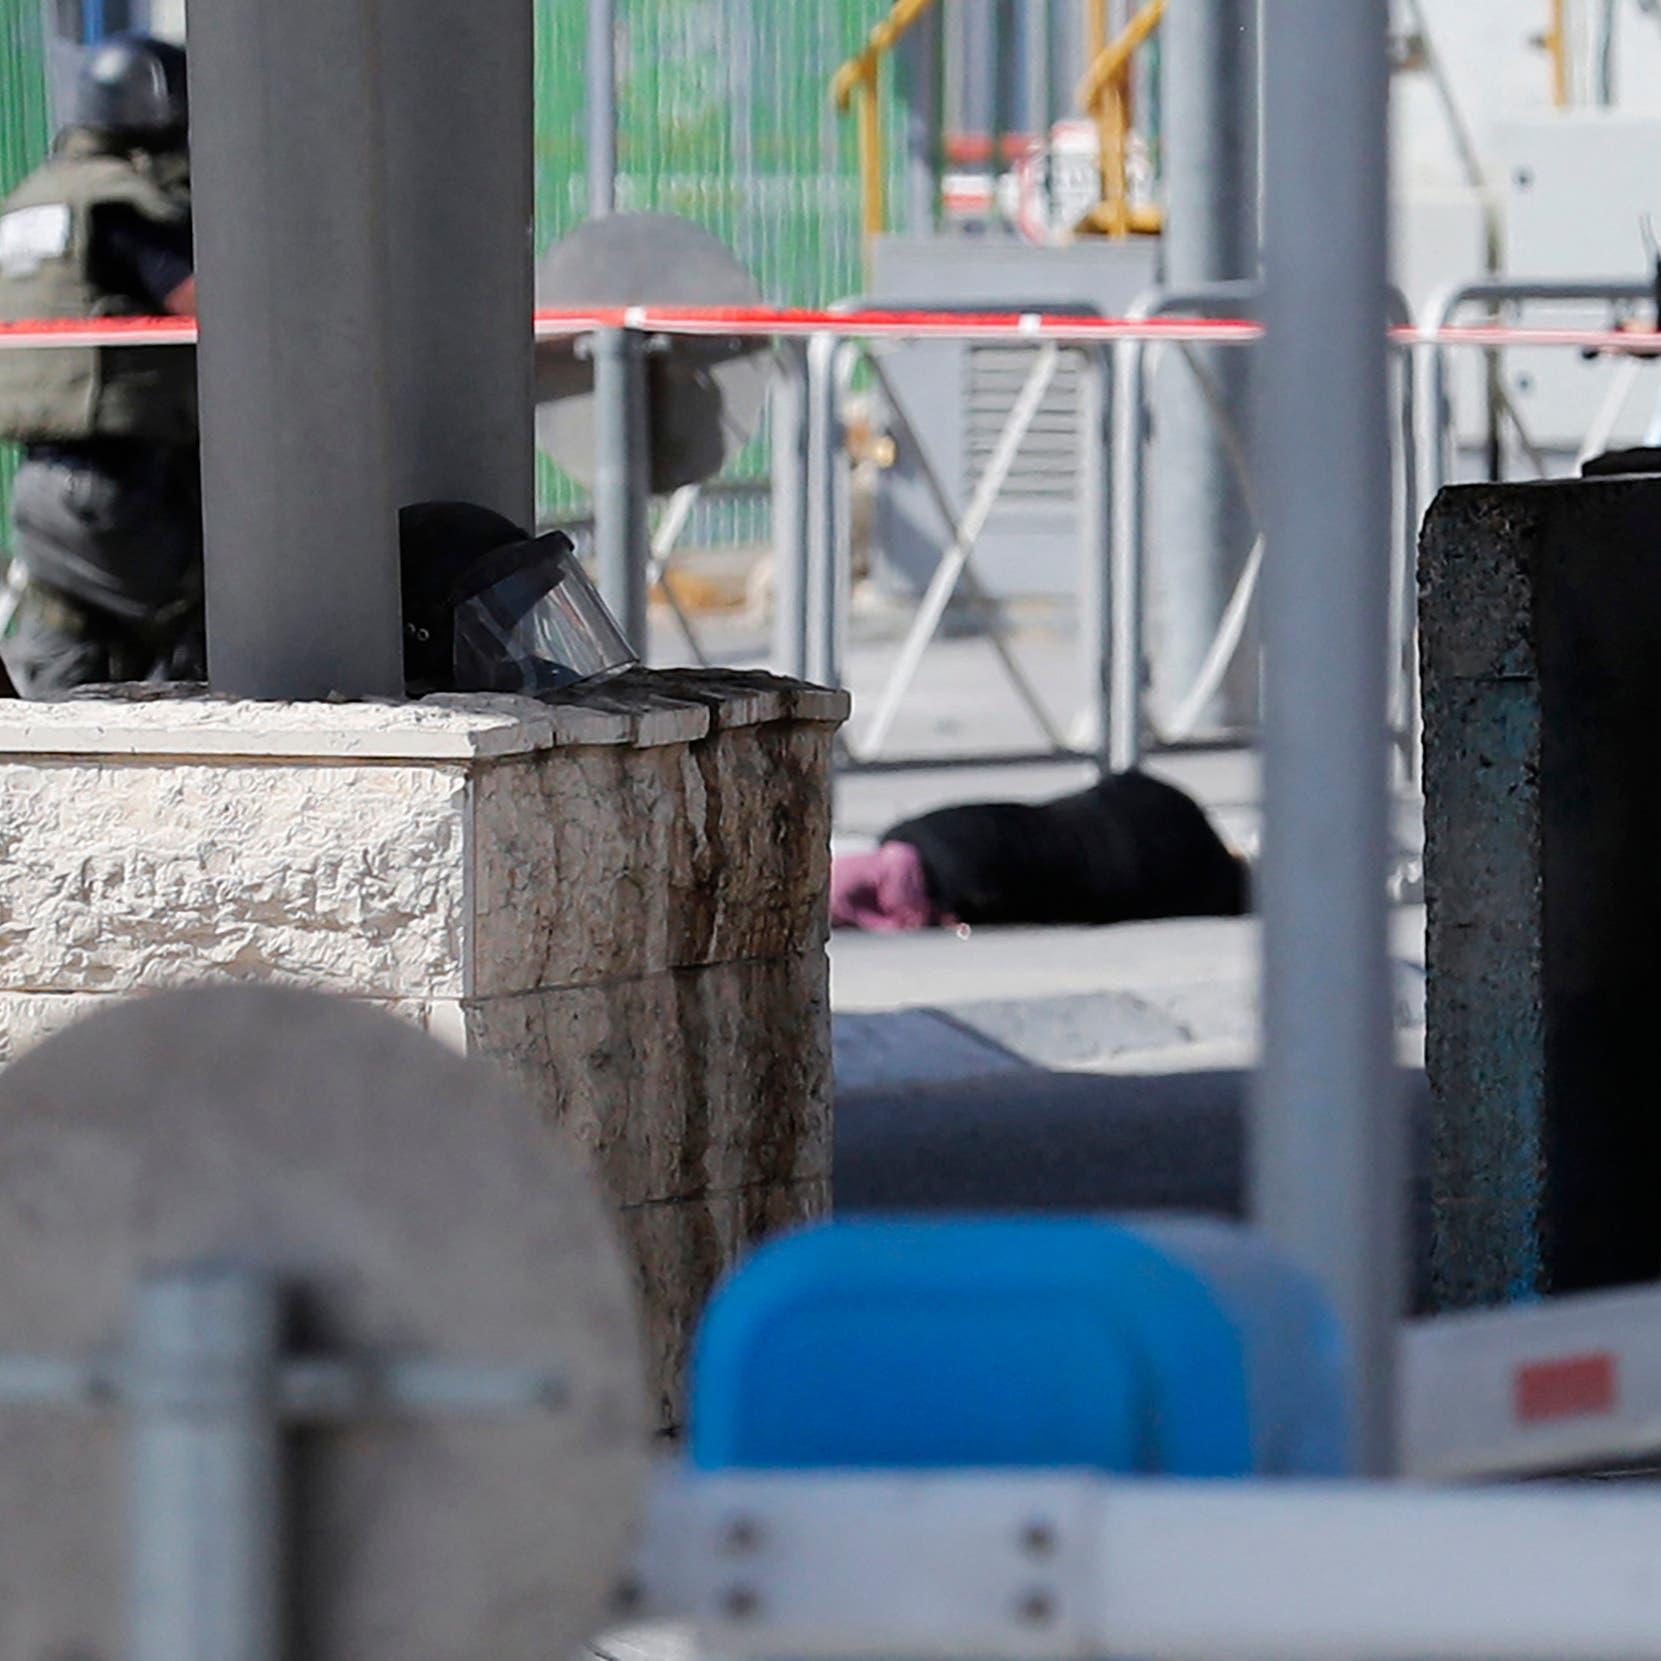 Israeli troops shoot dead a 12-year-old Palestinian boy in West Bank